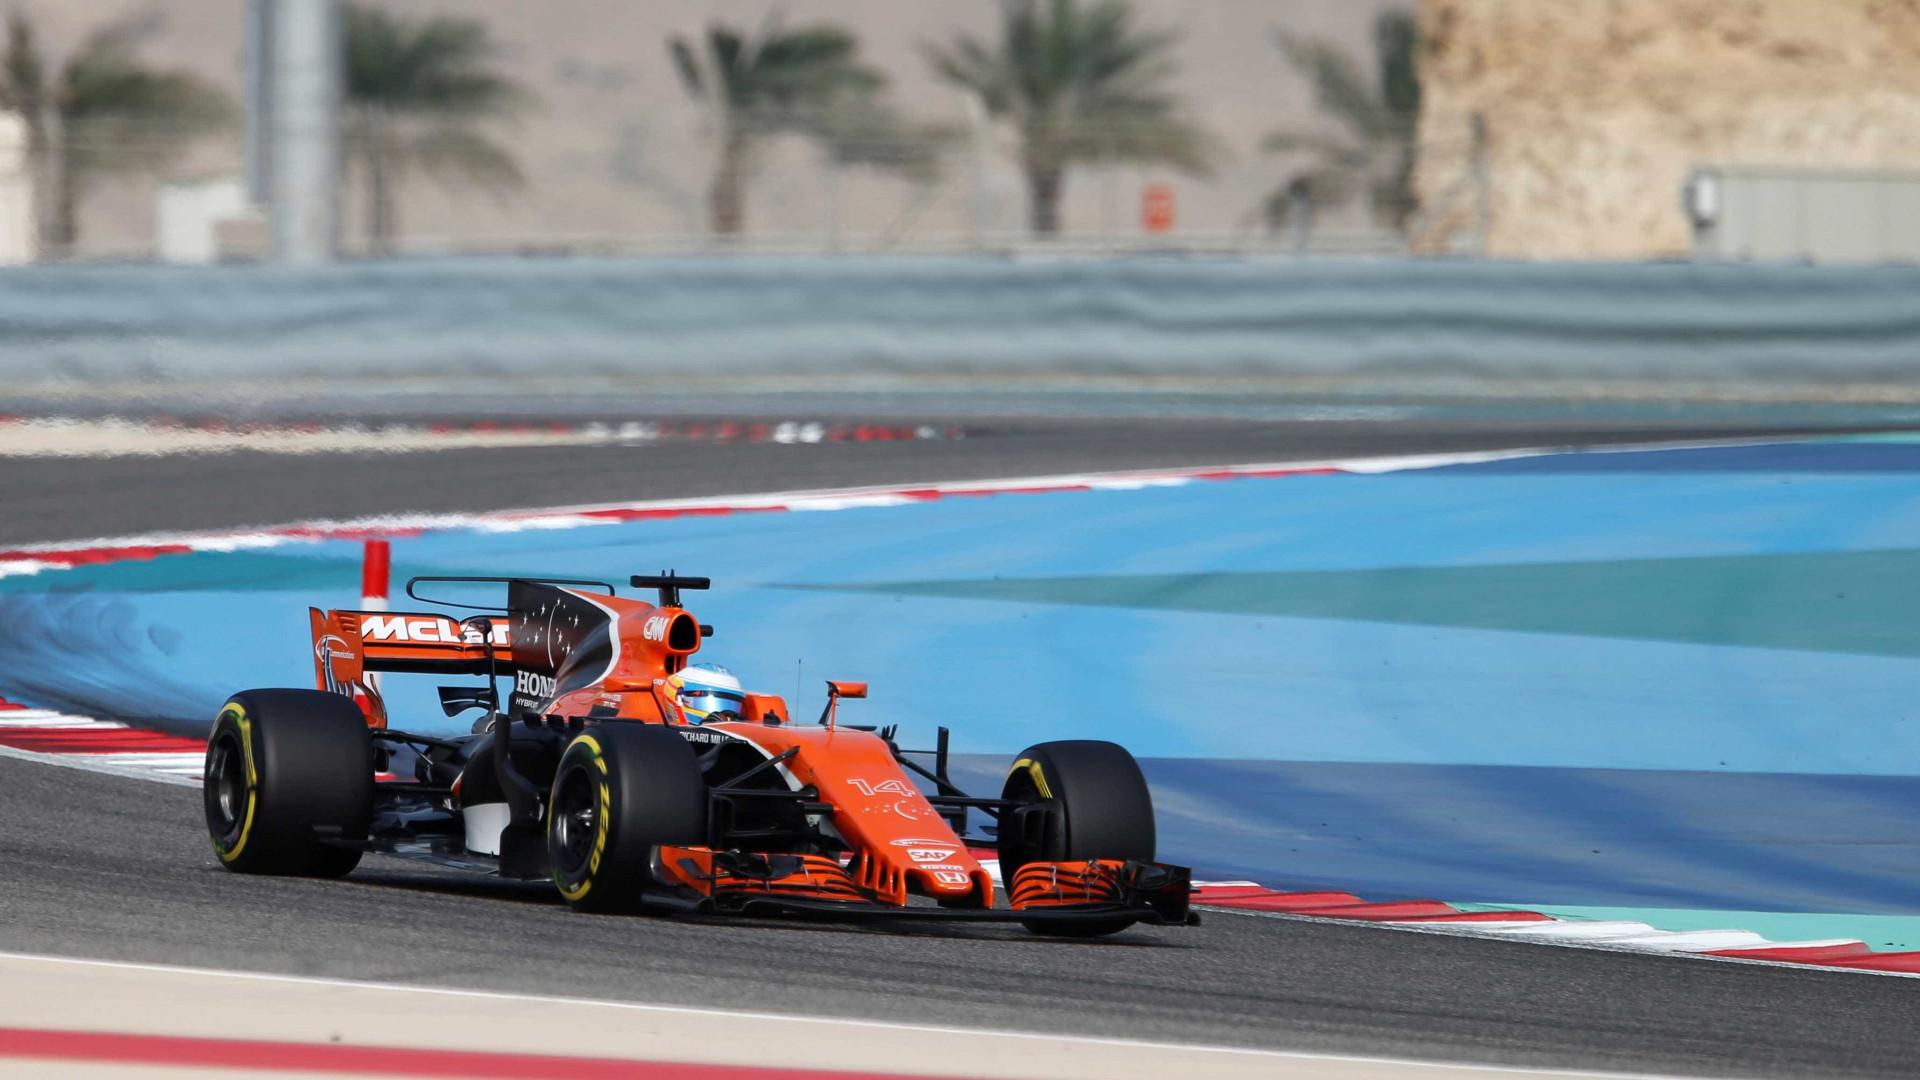 Autódromo do Algarve na corrida para receber a Fórmula 1